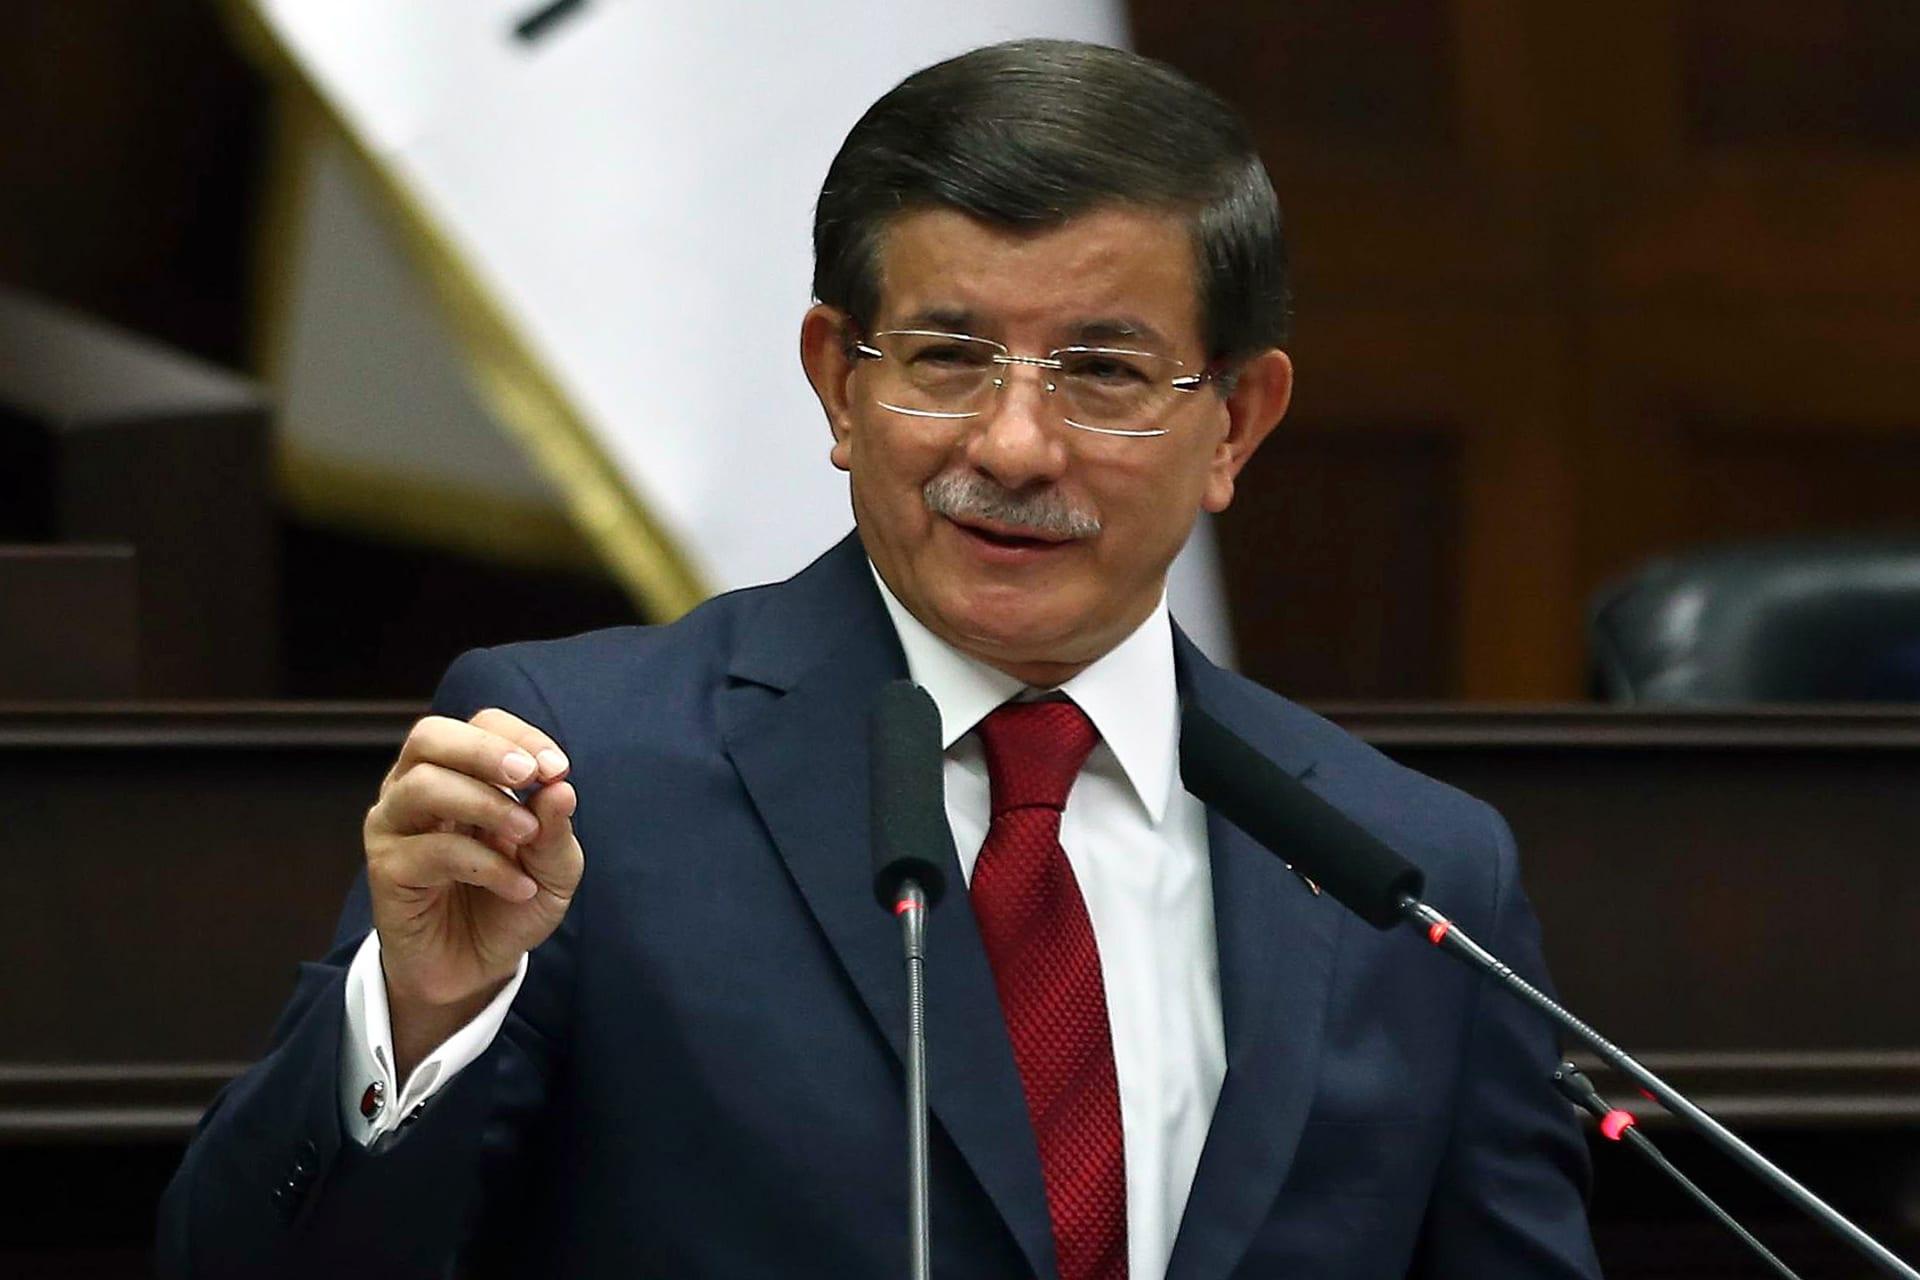 أوغلو: تركيا لم تنس فلسطين في أحلامها وفي المفاوضات وسنقف في وجه من يستهدف الشعب السوري الأعزل